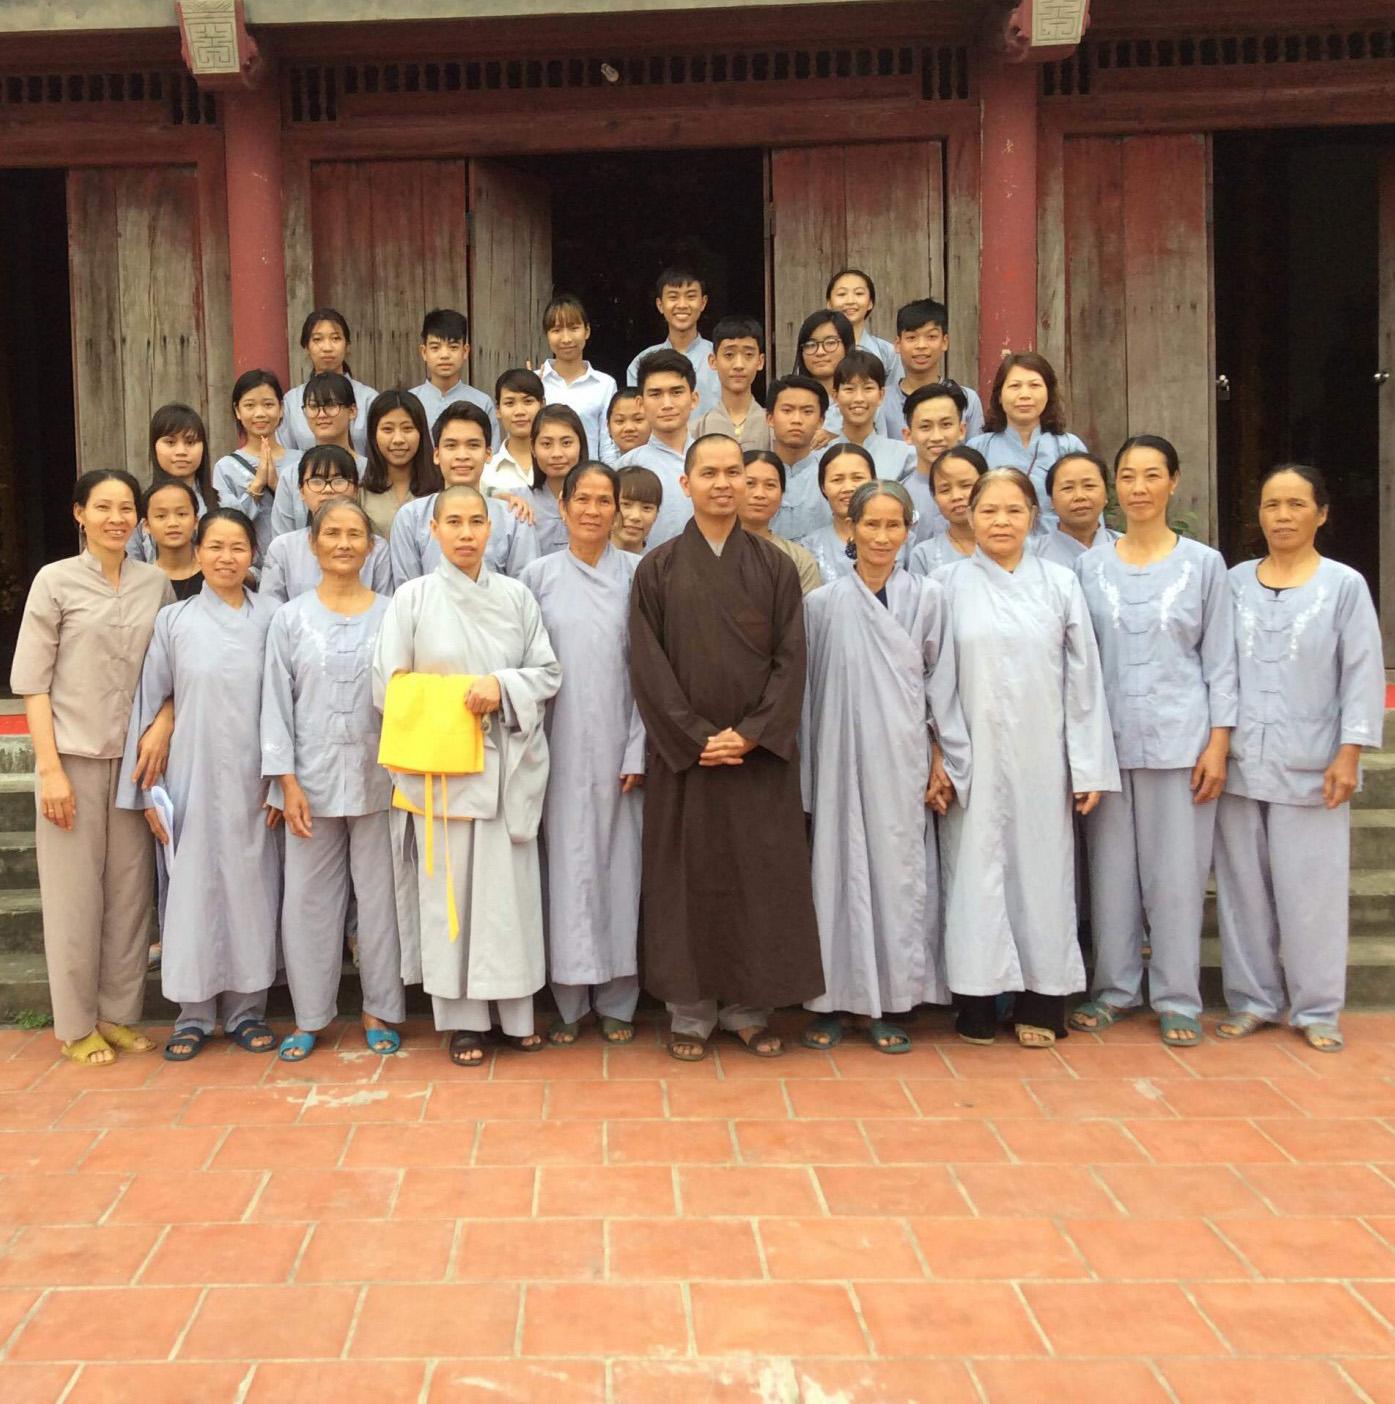 chùa Bảo Tích Bắc Ninh